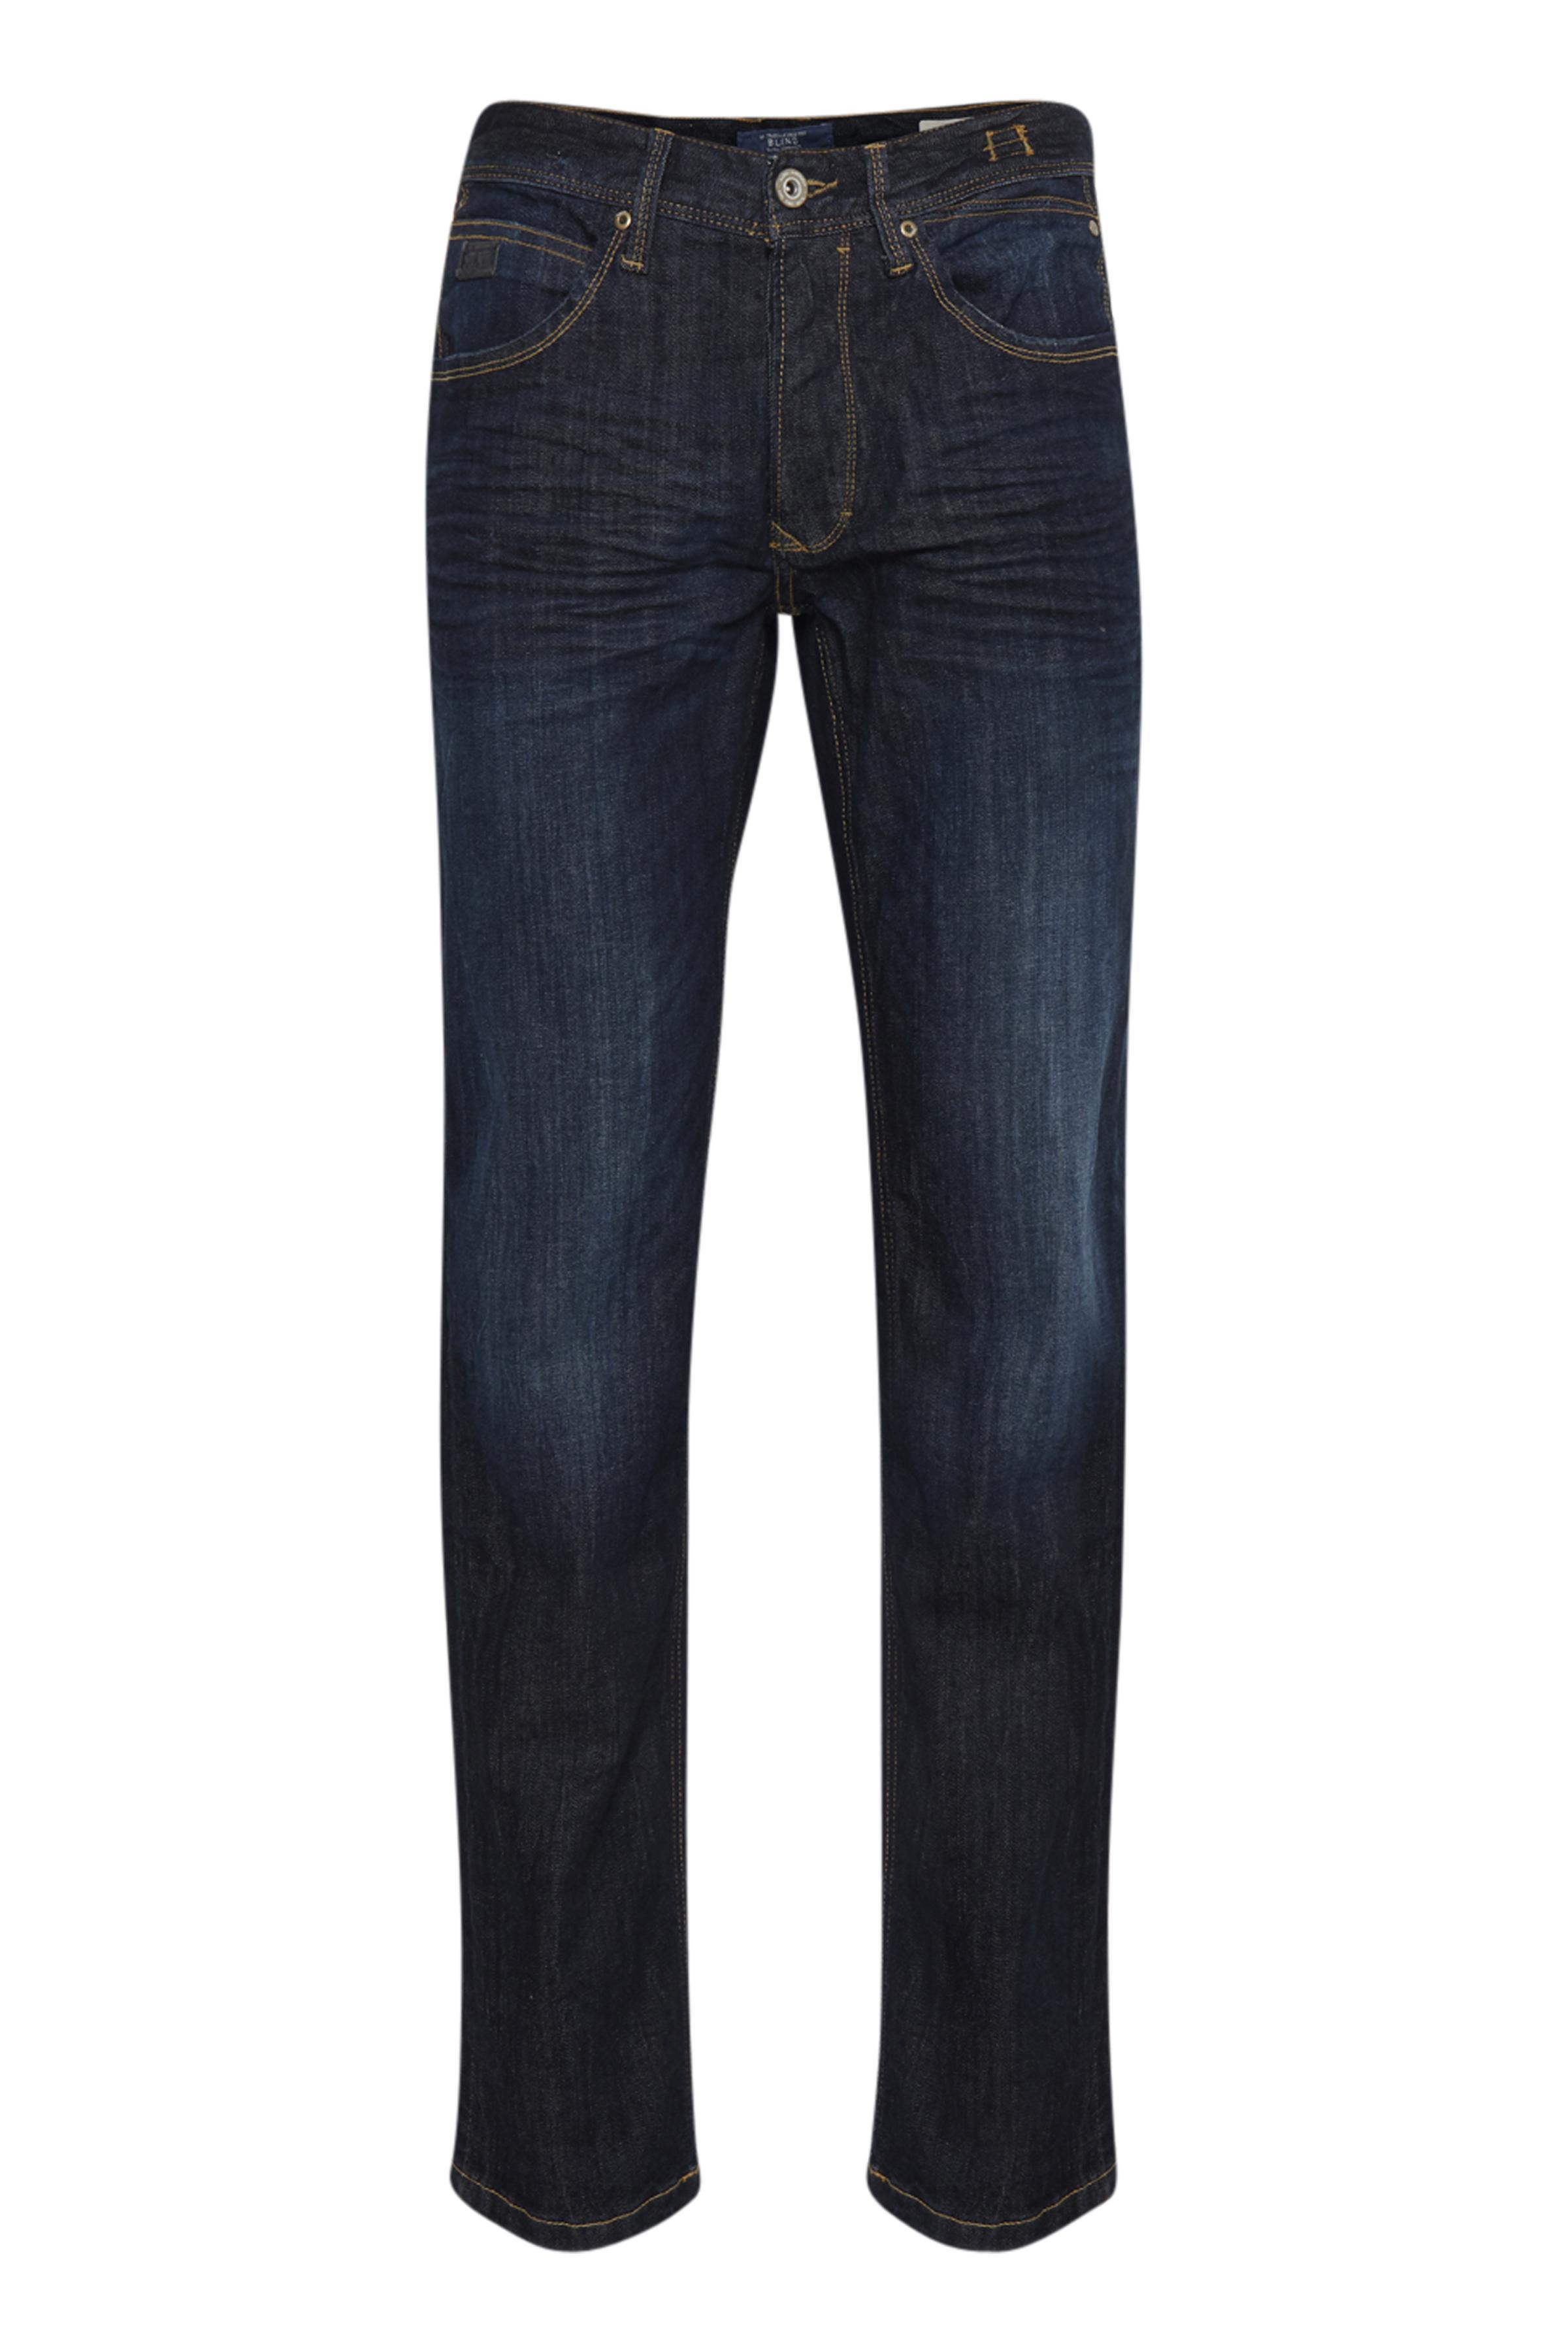 Image of Blend He Herre Jeans - Mørkeblå